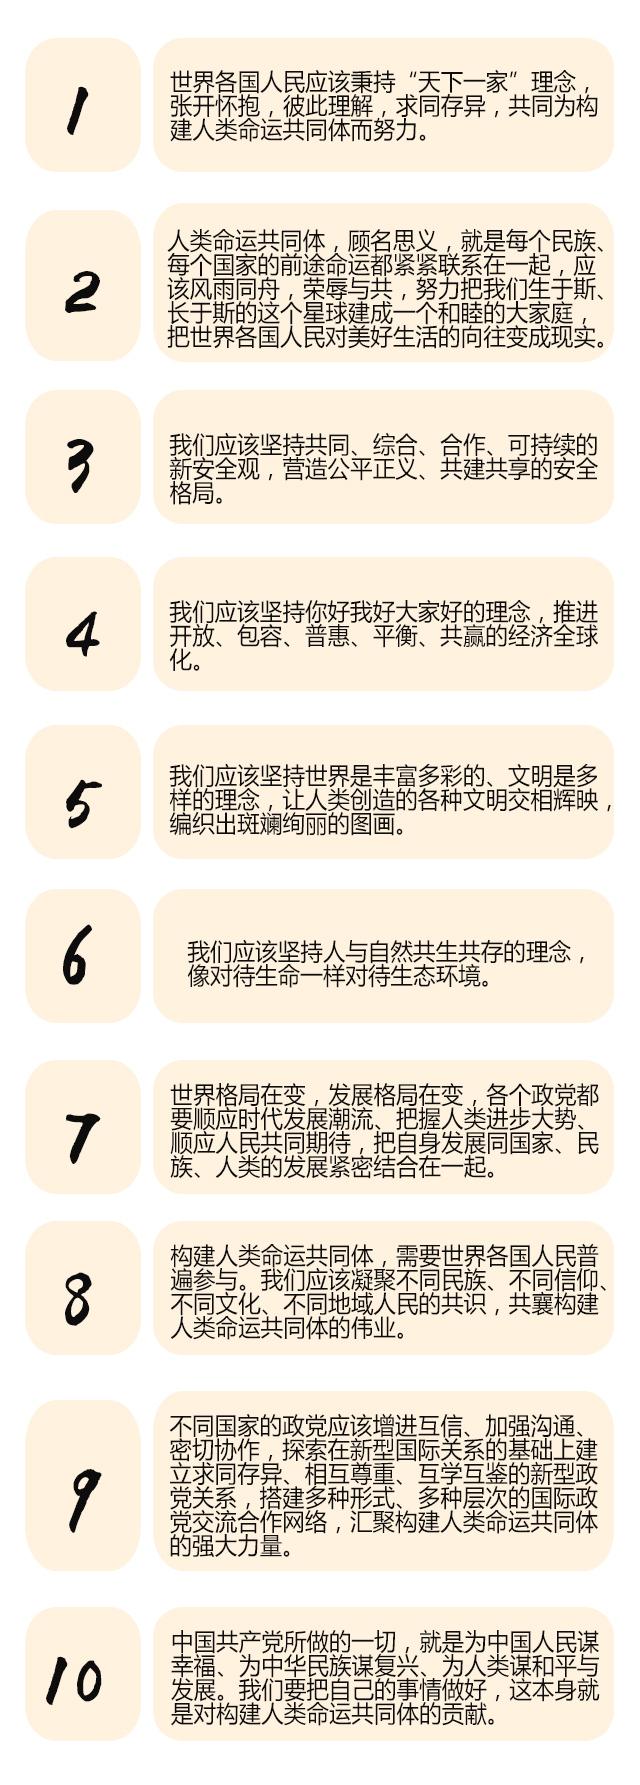 习近平10个金句描绘人类美好未来,国际政党代表高度评价